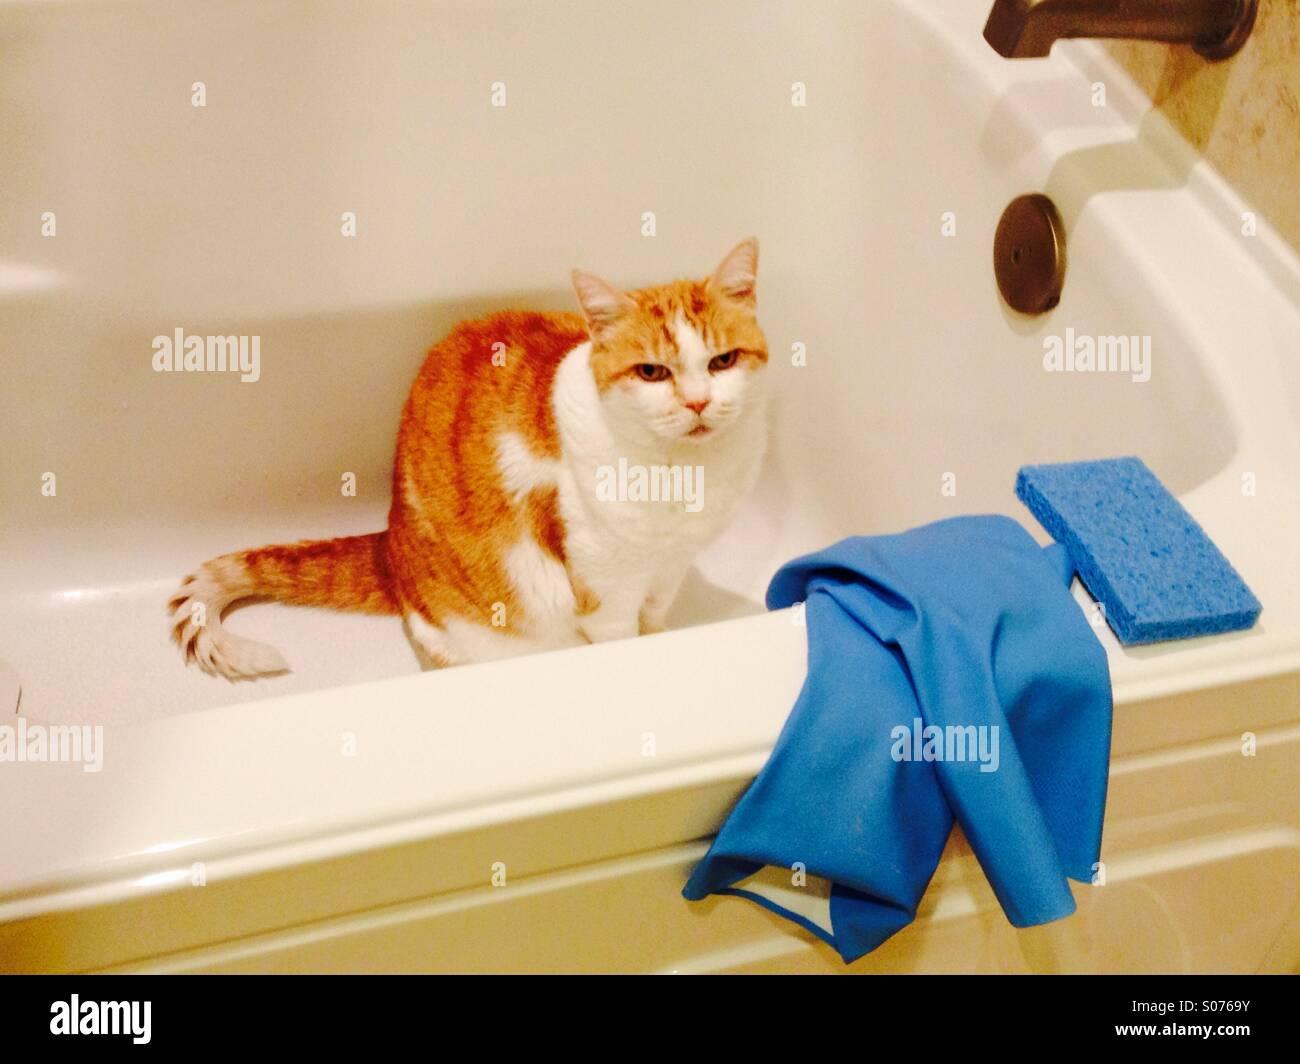 Zenzero Nella Vasca Da Bagno : Arancione e bianco gatto seduti nella vasca da bagno foto